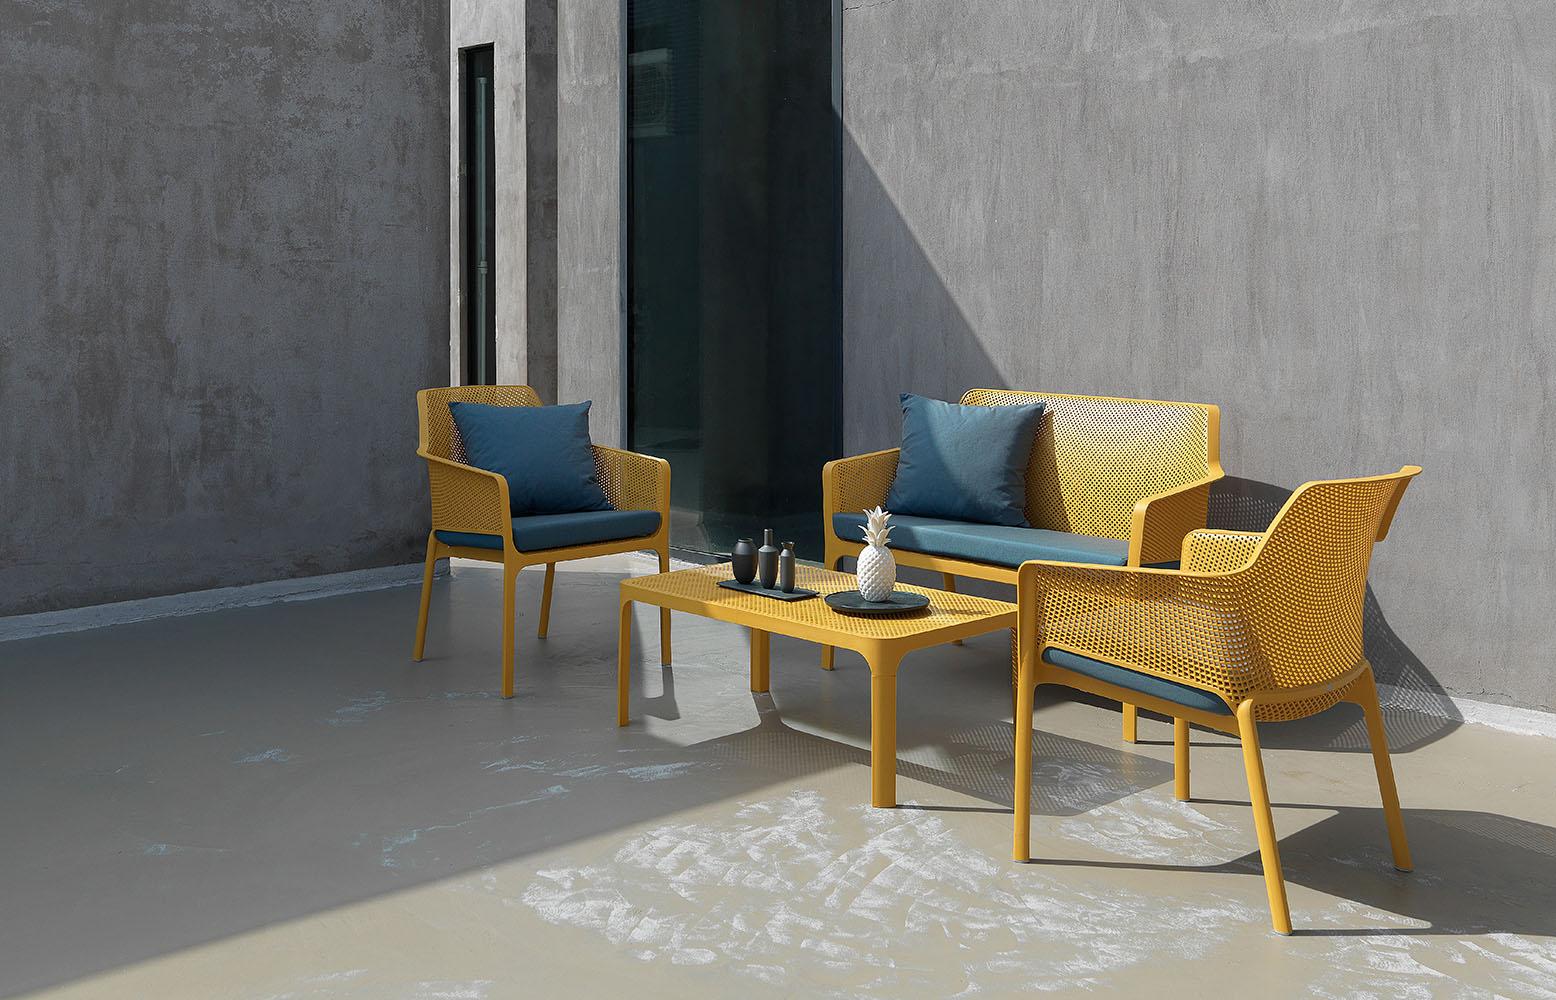 10 sillas para terrazas de hosteler a de nardi que triunfan despacho contract - Sillas para terraza de bar ...